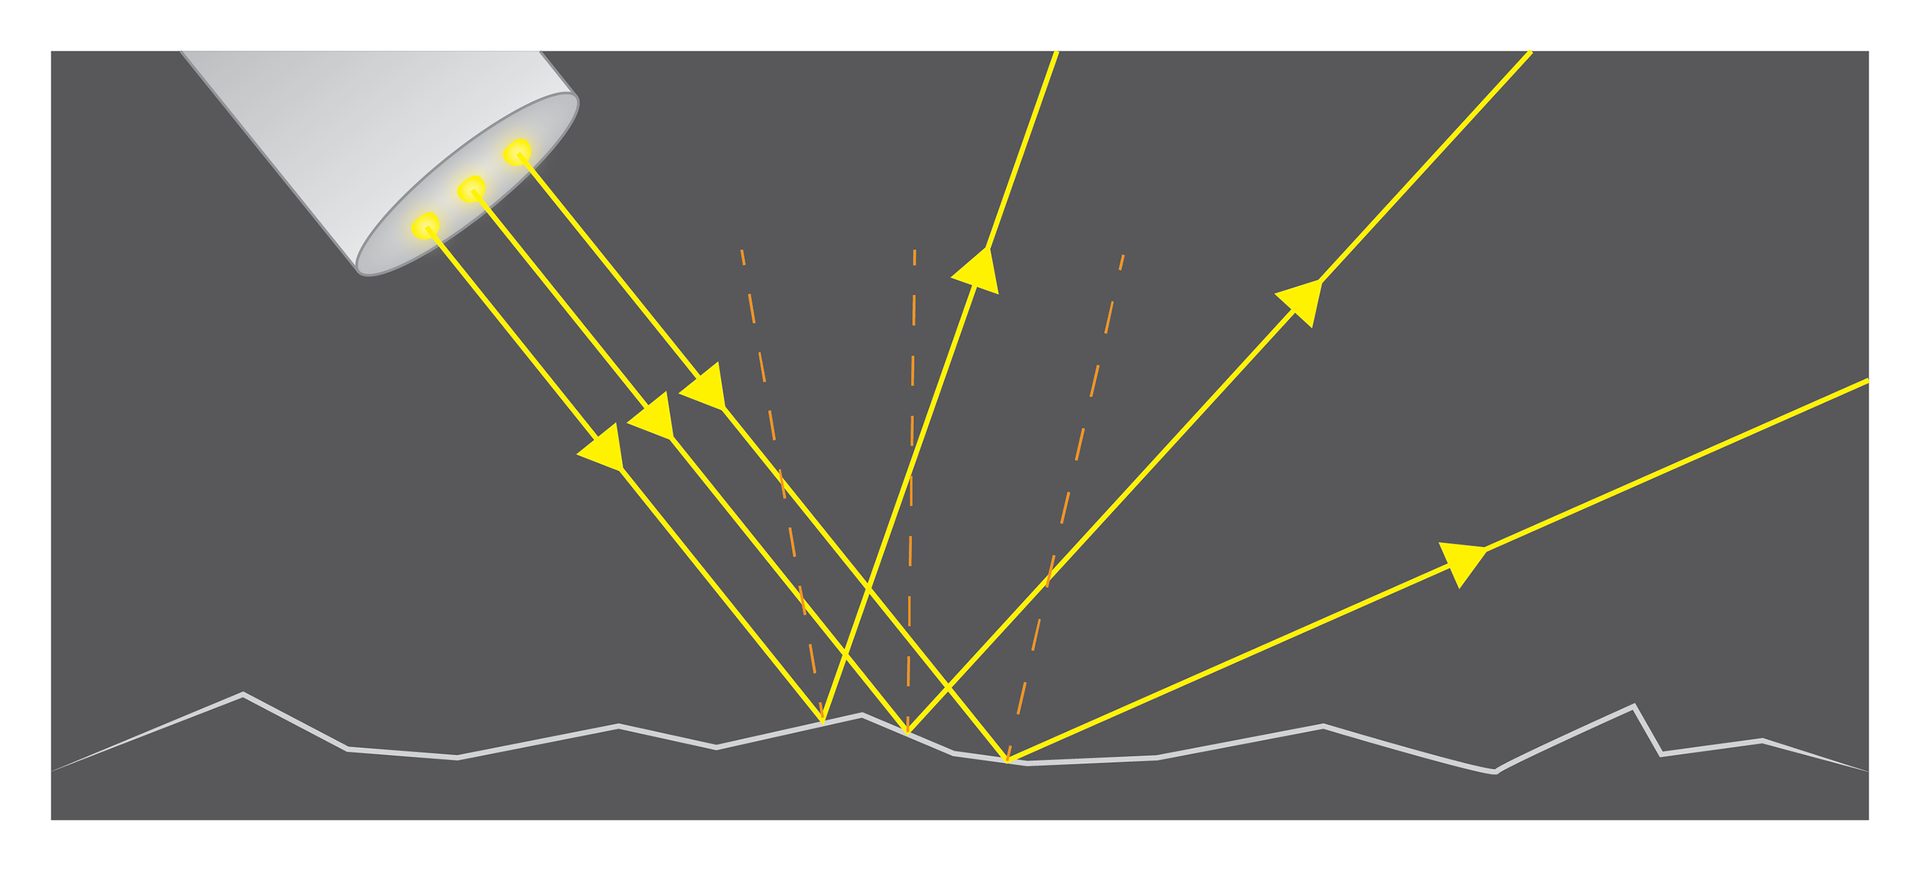 Ilustracja prezentuje mechanizm rozproszenia światła. Wiązka żółtych promieni lasera pada na chropowatą powierzchnię. Od każdego punktu odbija się promień świetlny adekwatnie do kierunku nachyleniem powierzchni. Wefekcie dochodzi do rozproszenia światła.